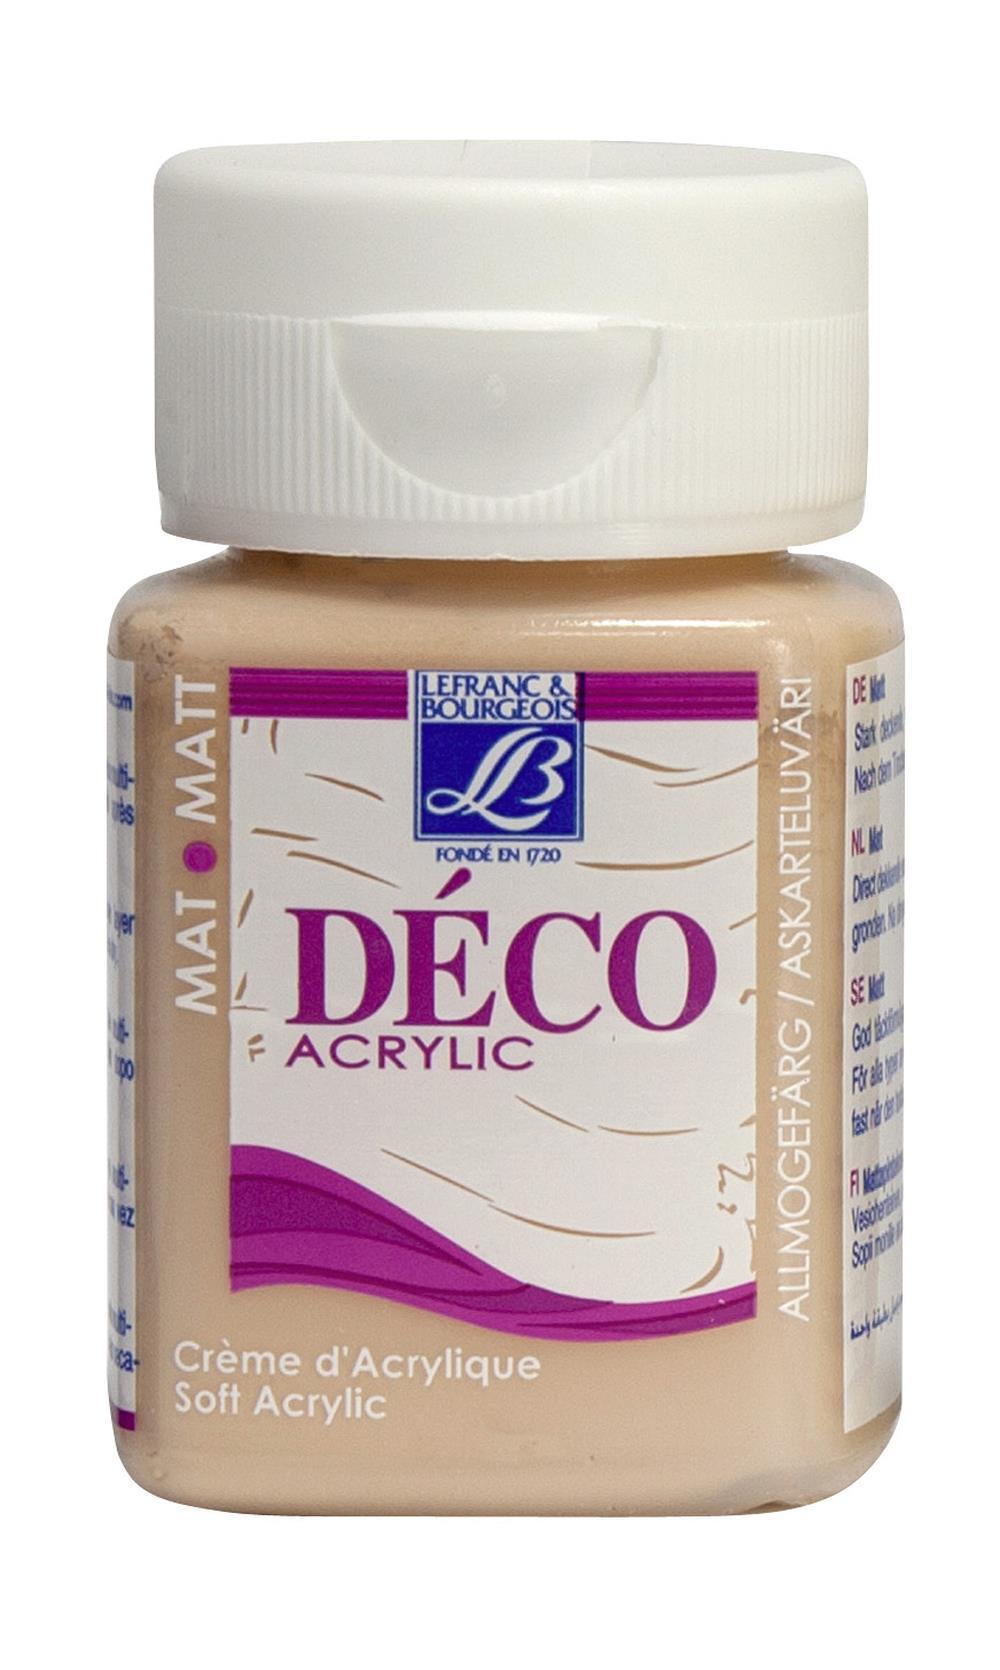 Hobbyfärg L&B Deco Matt Akryl 50ml Mango warm 884 (4F) Utgår